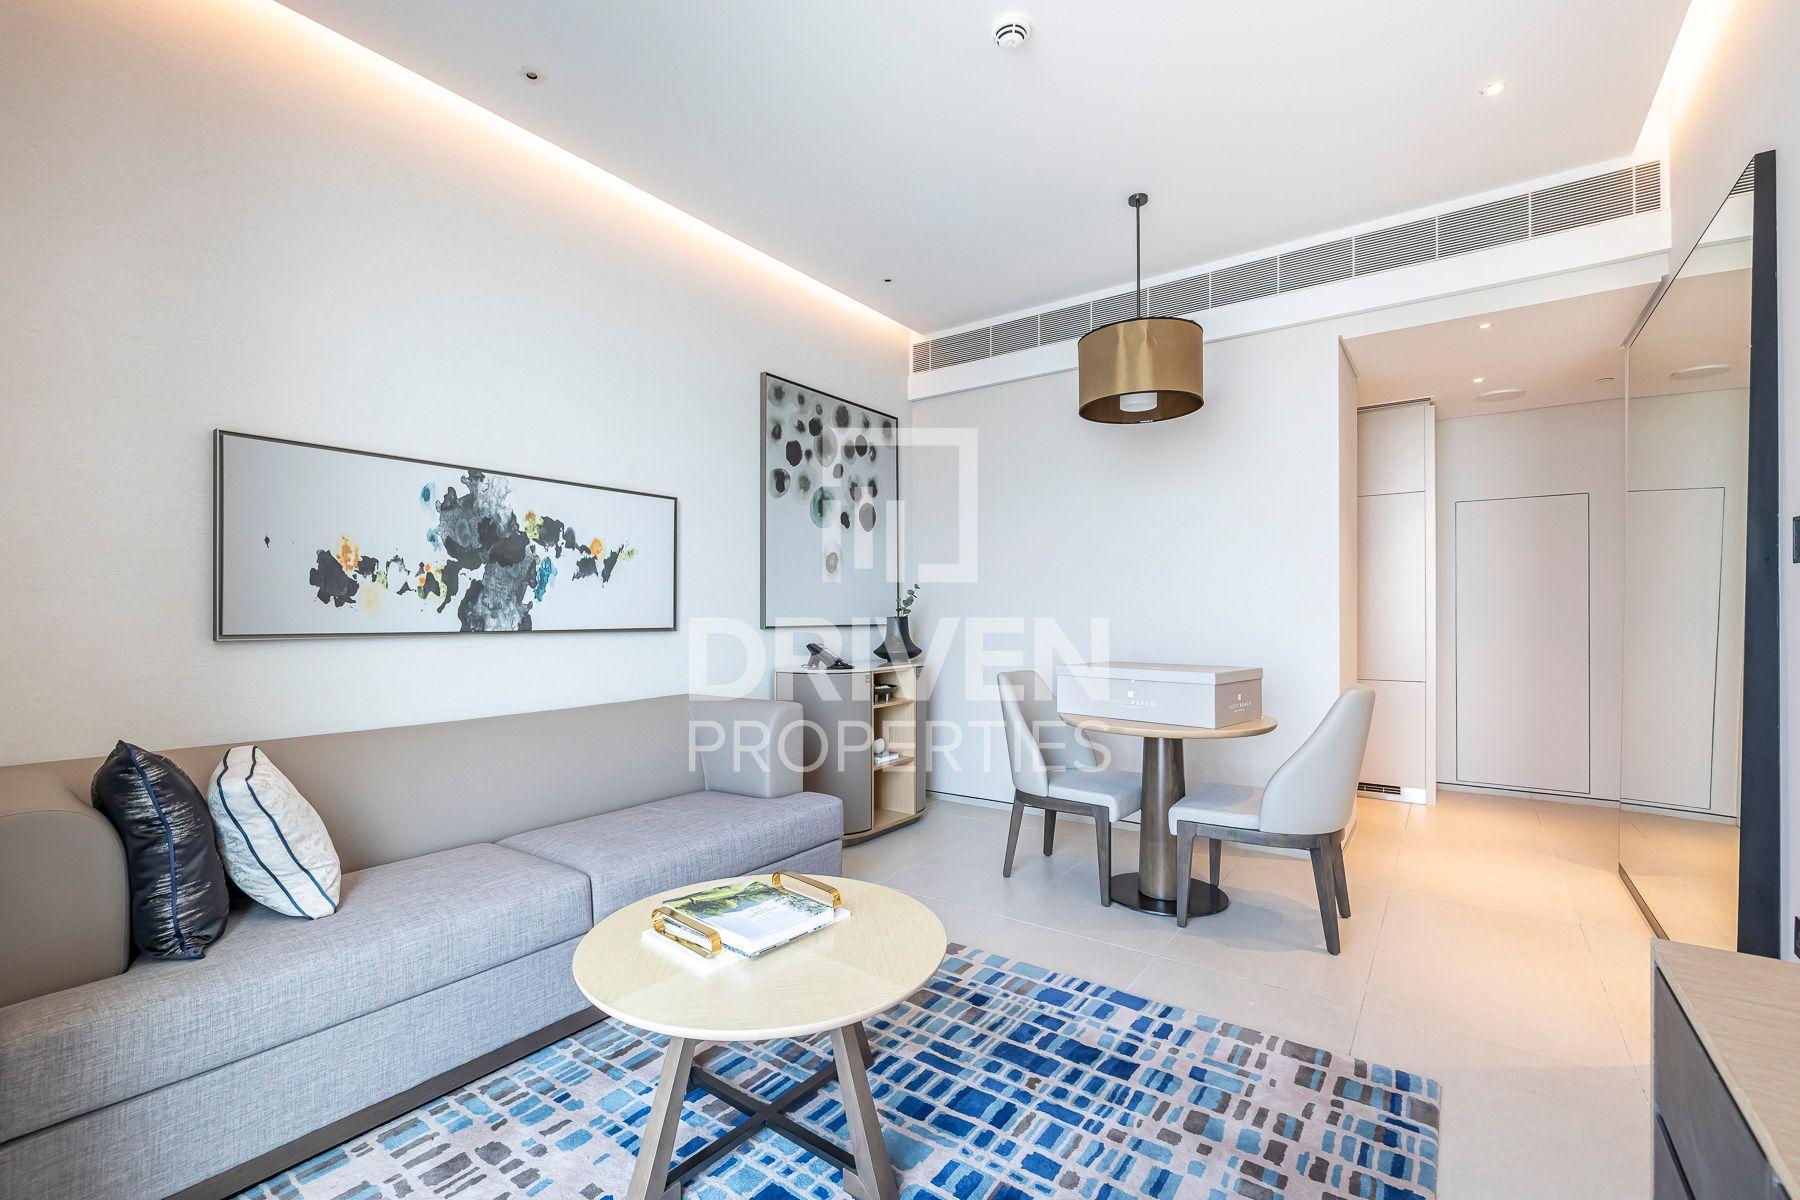 638 قدم مربع  شقة - للايجار - مساكن شاطئ الجميرا